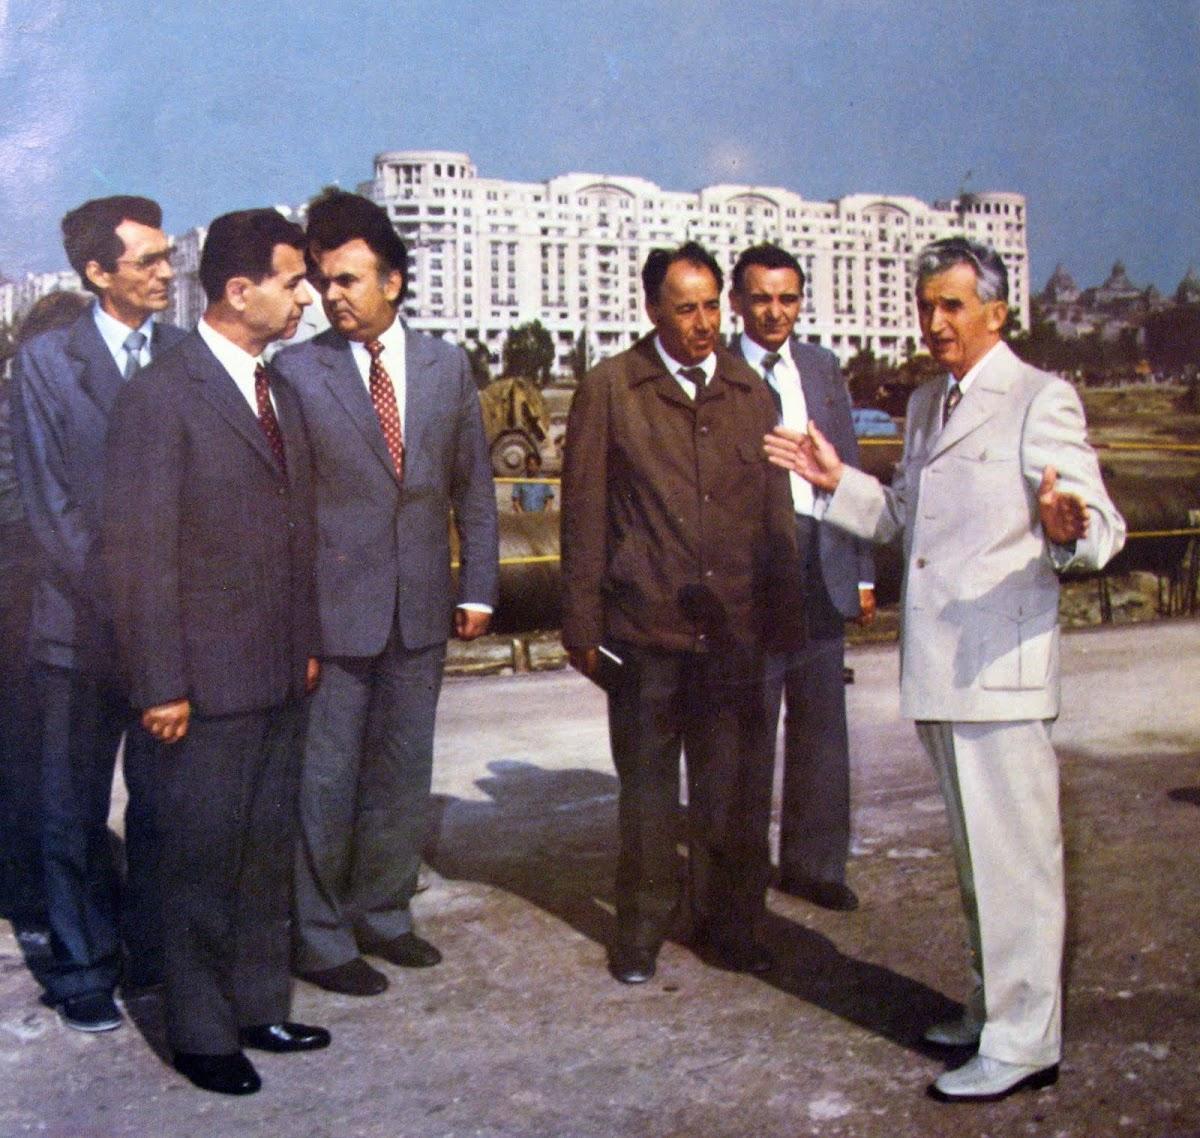 http://3.bp.blogspot.com/-Evurwv83PWU/TjuZKfzNYUI/AAAAAAAABLc/yvj8eEBO8oU/s1200/Ceaucescu+white+suit.jpg